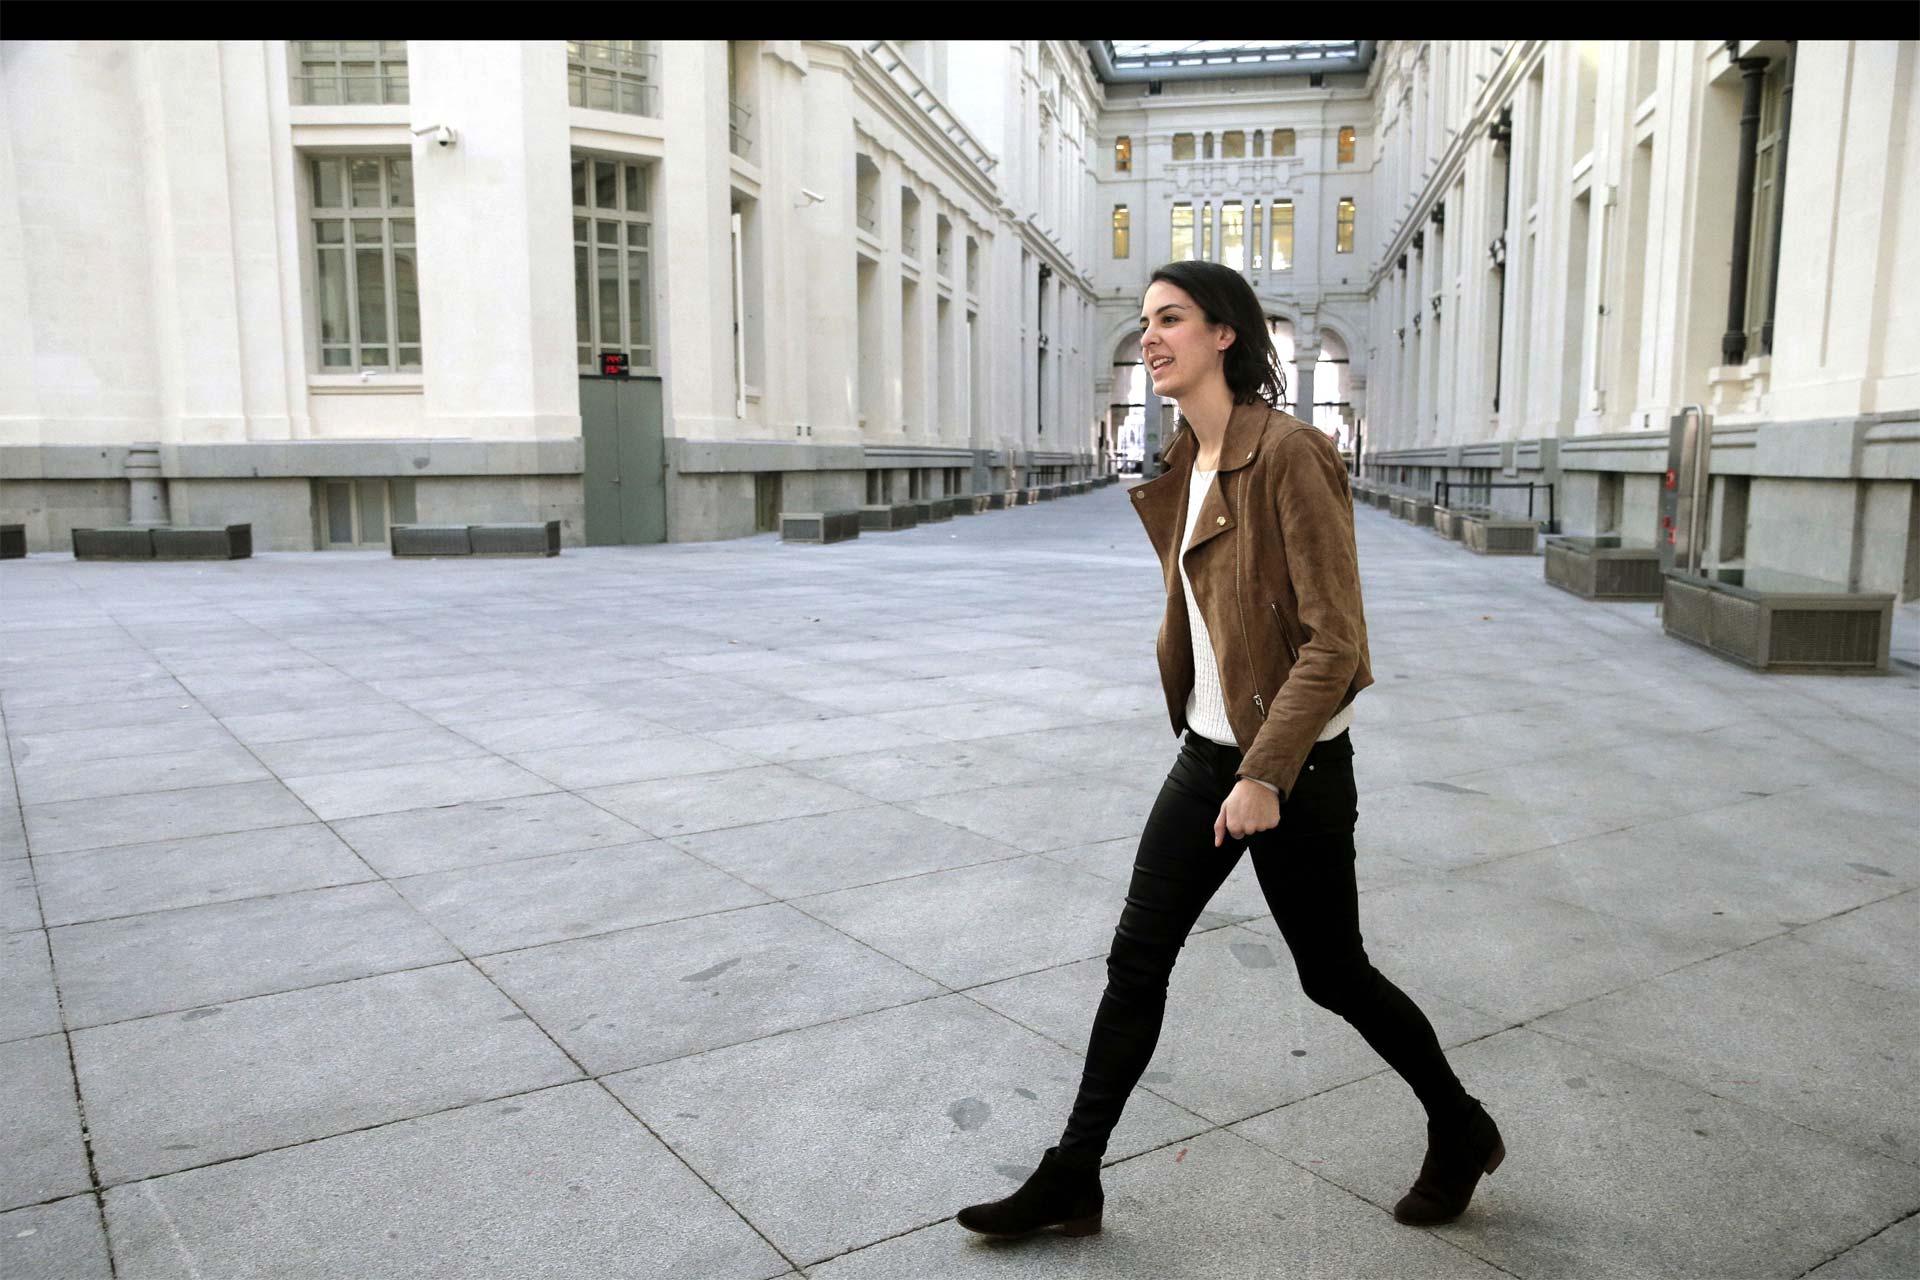 La portavoz del ayuntamiento de Madrid deberá pagar más de cuatro mil euros por una protesta en la que participó hace años